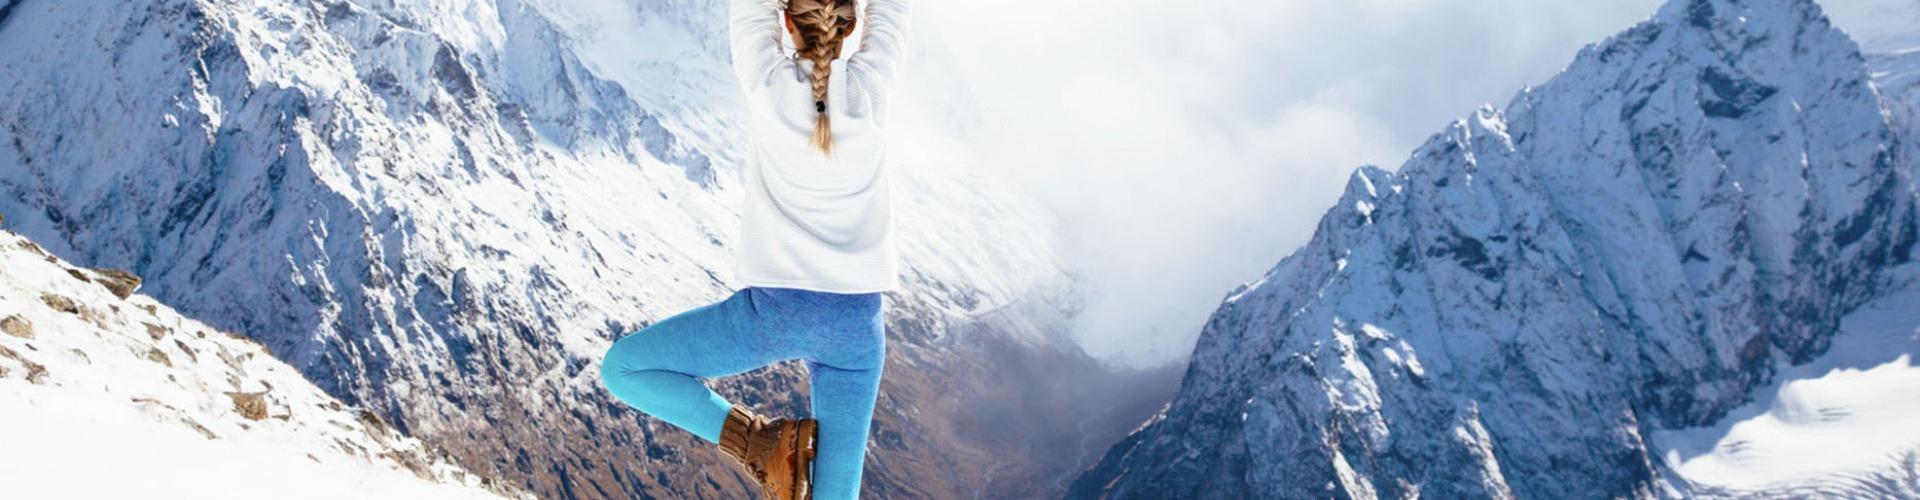 Fitnesz kontra well-being az ünnepek forgatagában